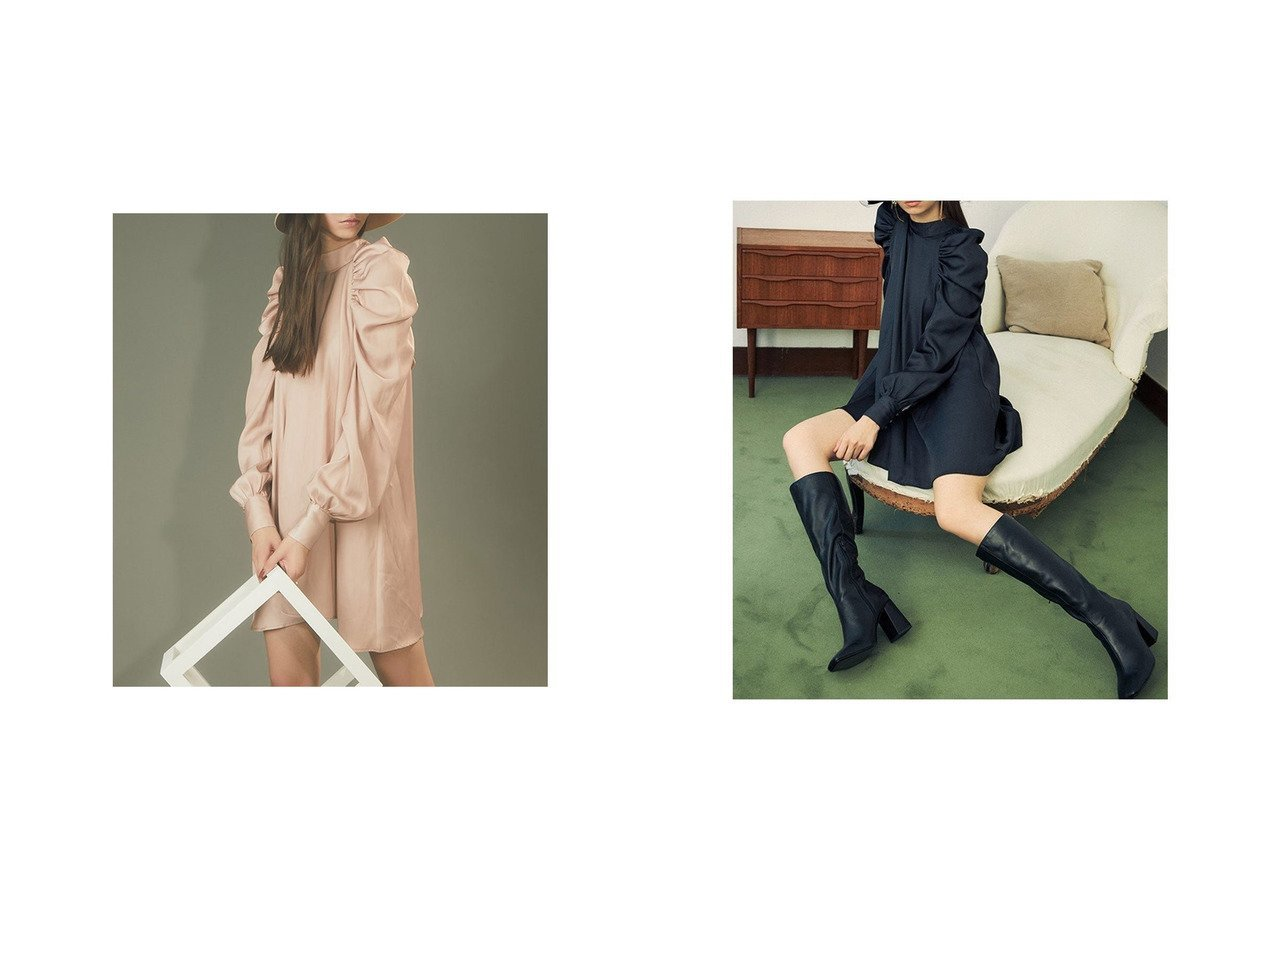 【eimy istoire/エイミーイストワール】のバックリボンギャザースリーブブラウス おすすめ!人気、トレンド・レディースファッションの通販 おすすめで人気の流行・トレンド、ファッションの通販商品 インテリア・家具・メンズファッション・キッズファッション・レディースファッション・服の通販 founy(ファニー) https://founy.com/ ファッション Fashion レディースファッション WOMEN トップス・カットソー Tops/Tshirt シャツ/ブラウス Shirts/Blouses フェミニン リボン ロング |ID:crp329100000072361